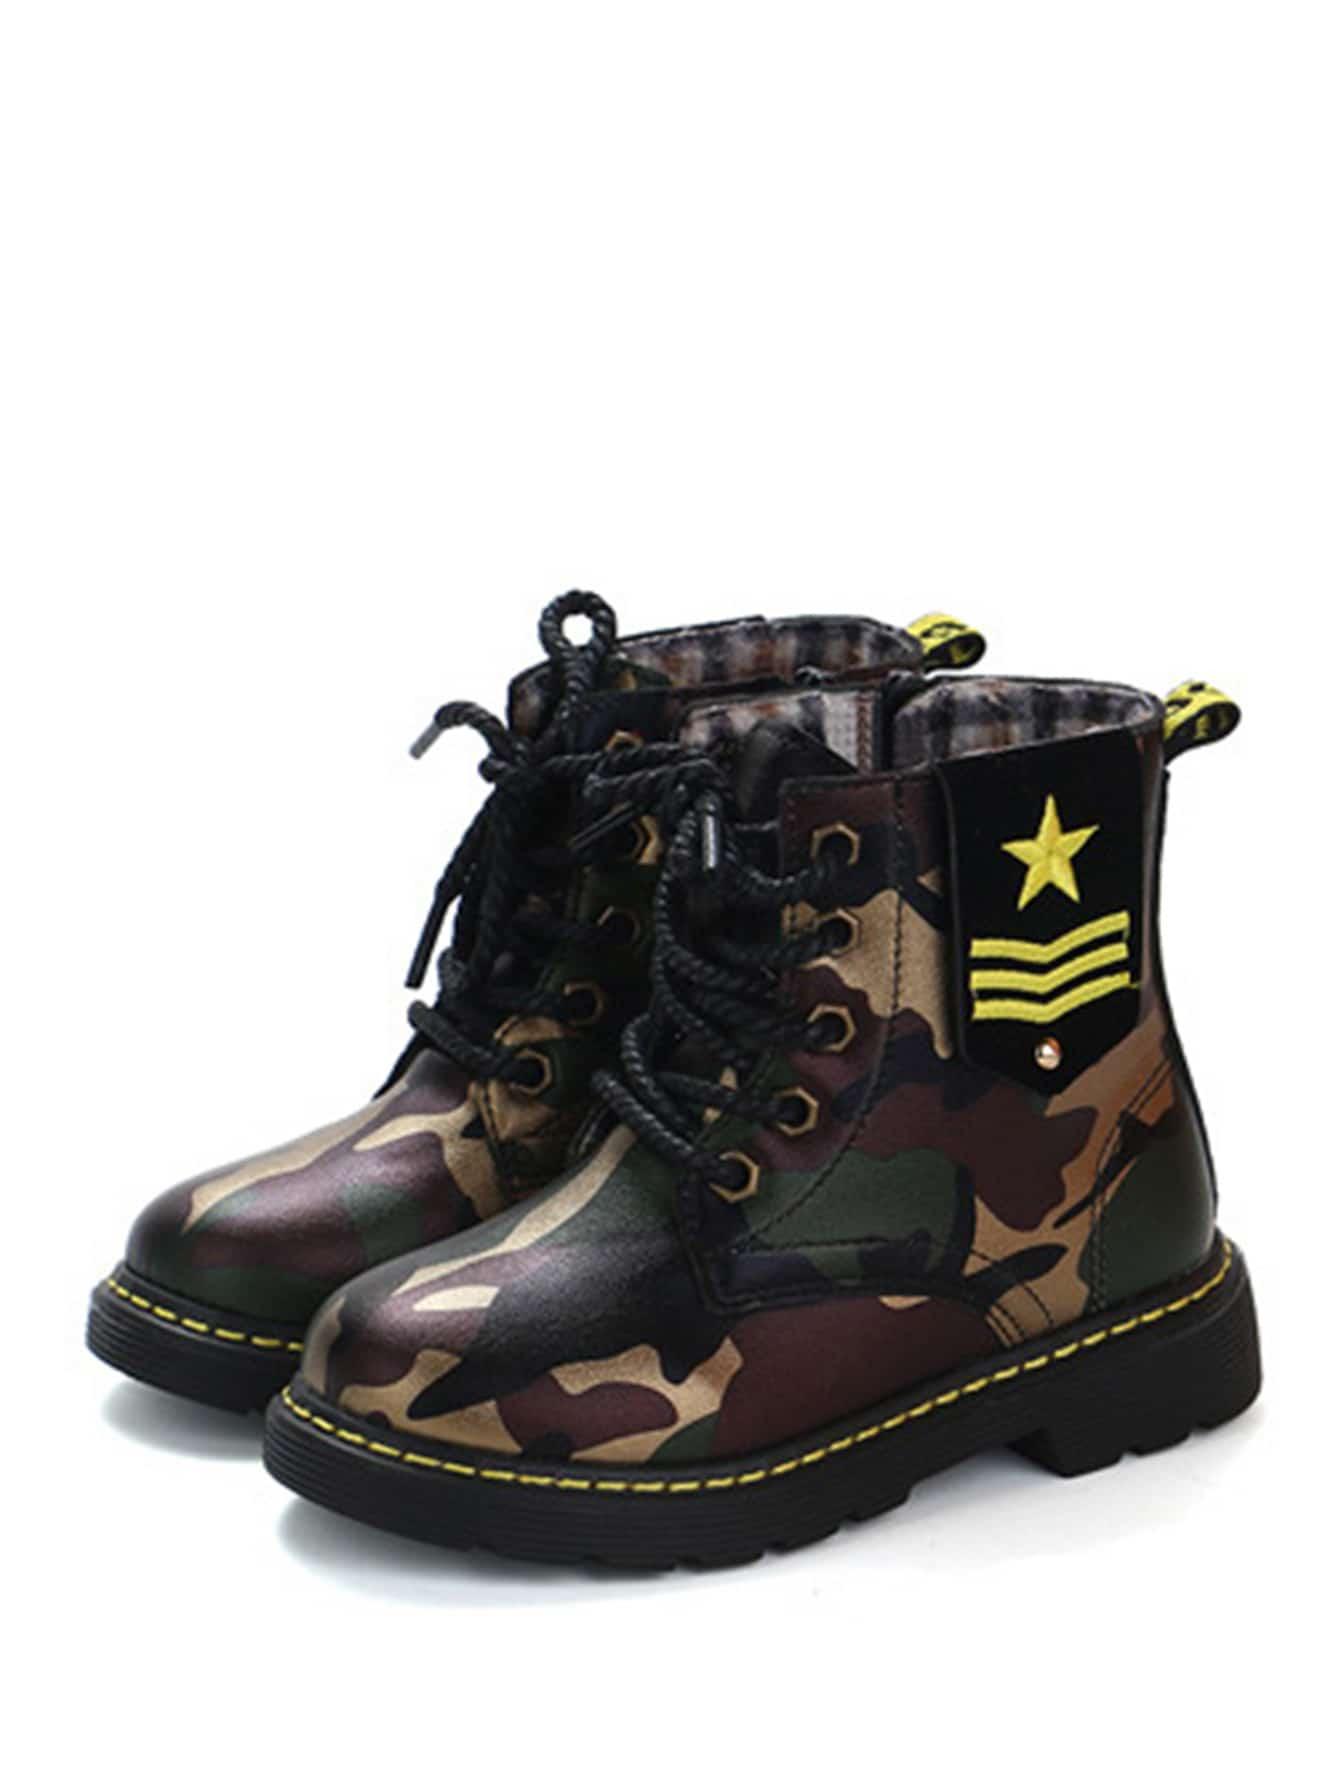 Купить Камуфляжные короткие сапоги с шнурками для маленьких детей, null, SheIn